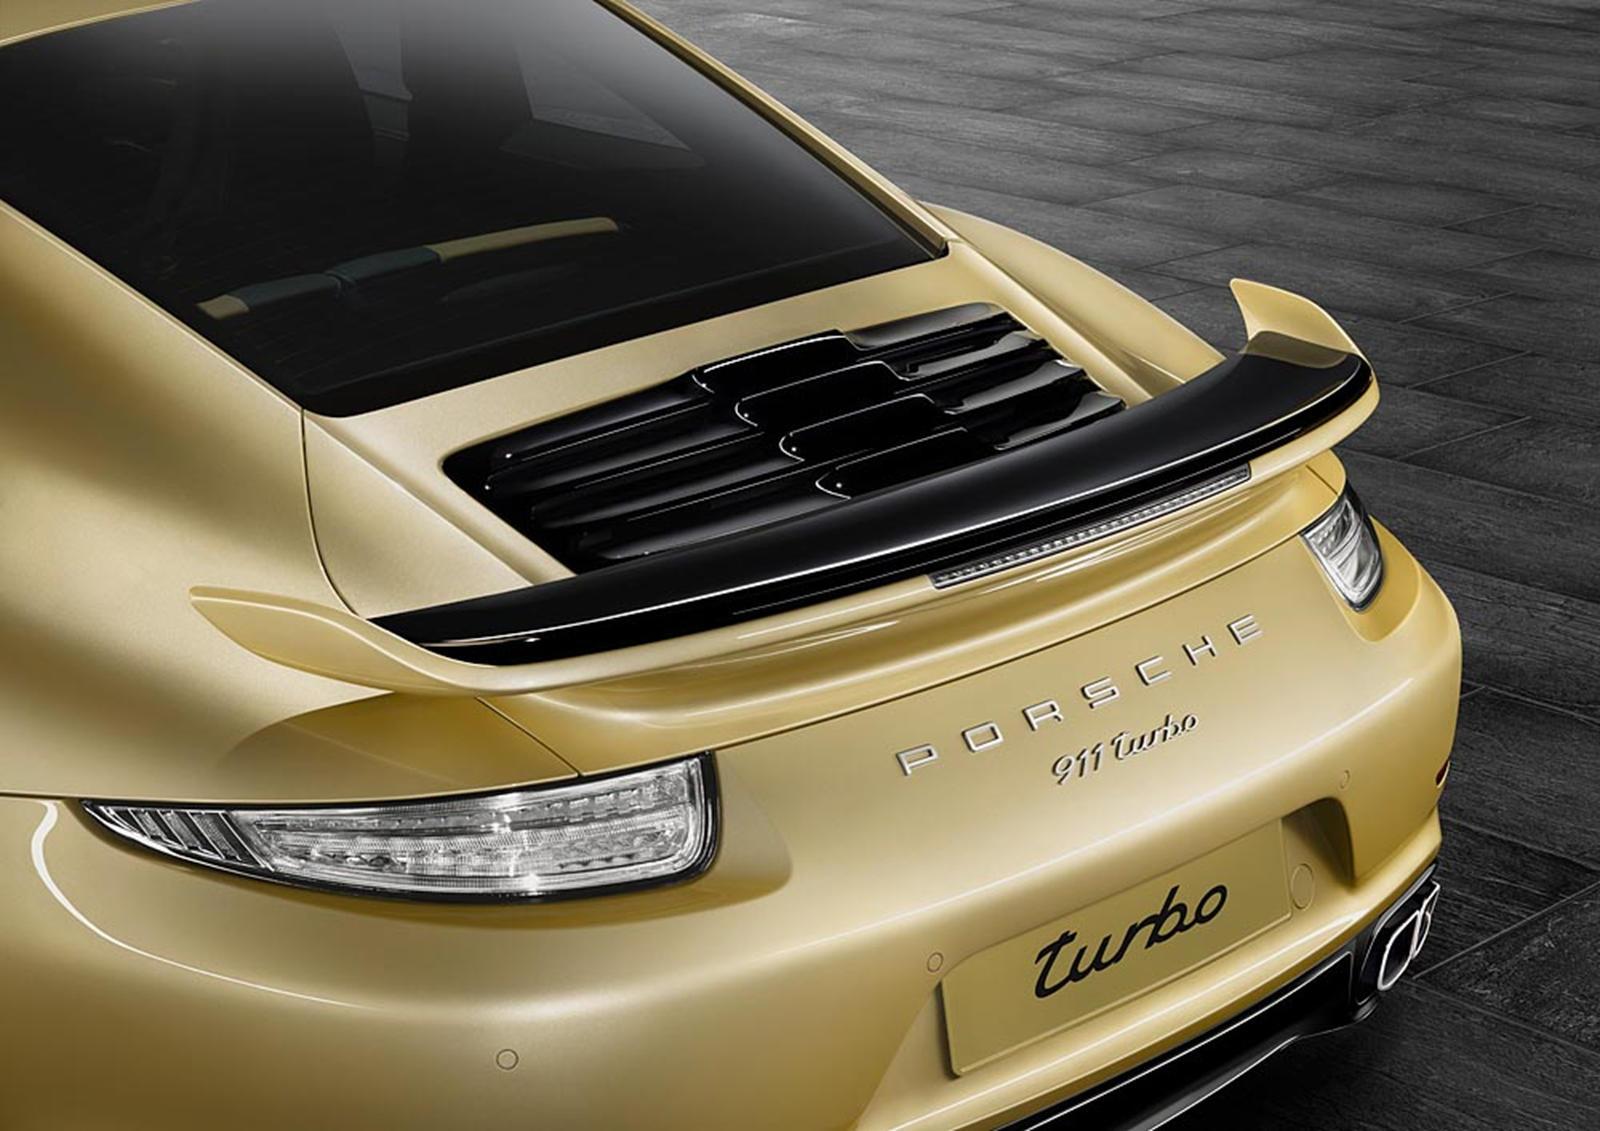 В то время как 991 заметно отличался от предыдущего 997, эта модель лишь слегка усовершенствует существующий внешний дизайн, и на первый взгляд вы можете не отличить один для другого, особенно если смотреть «в лоб».